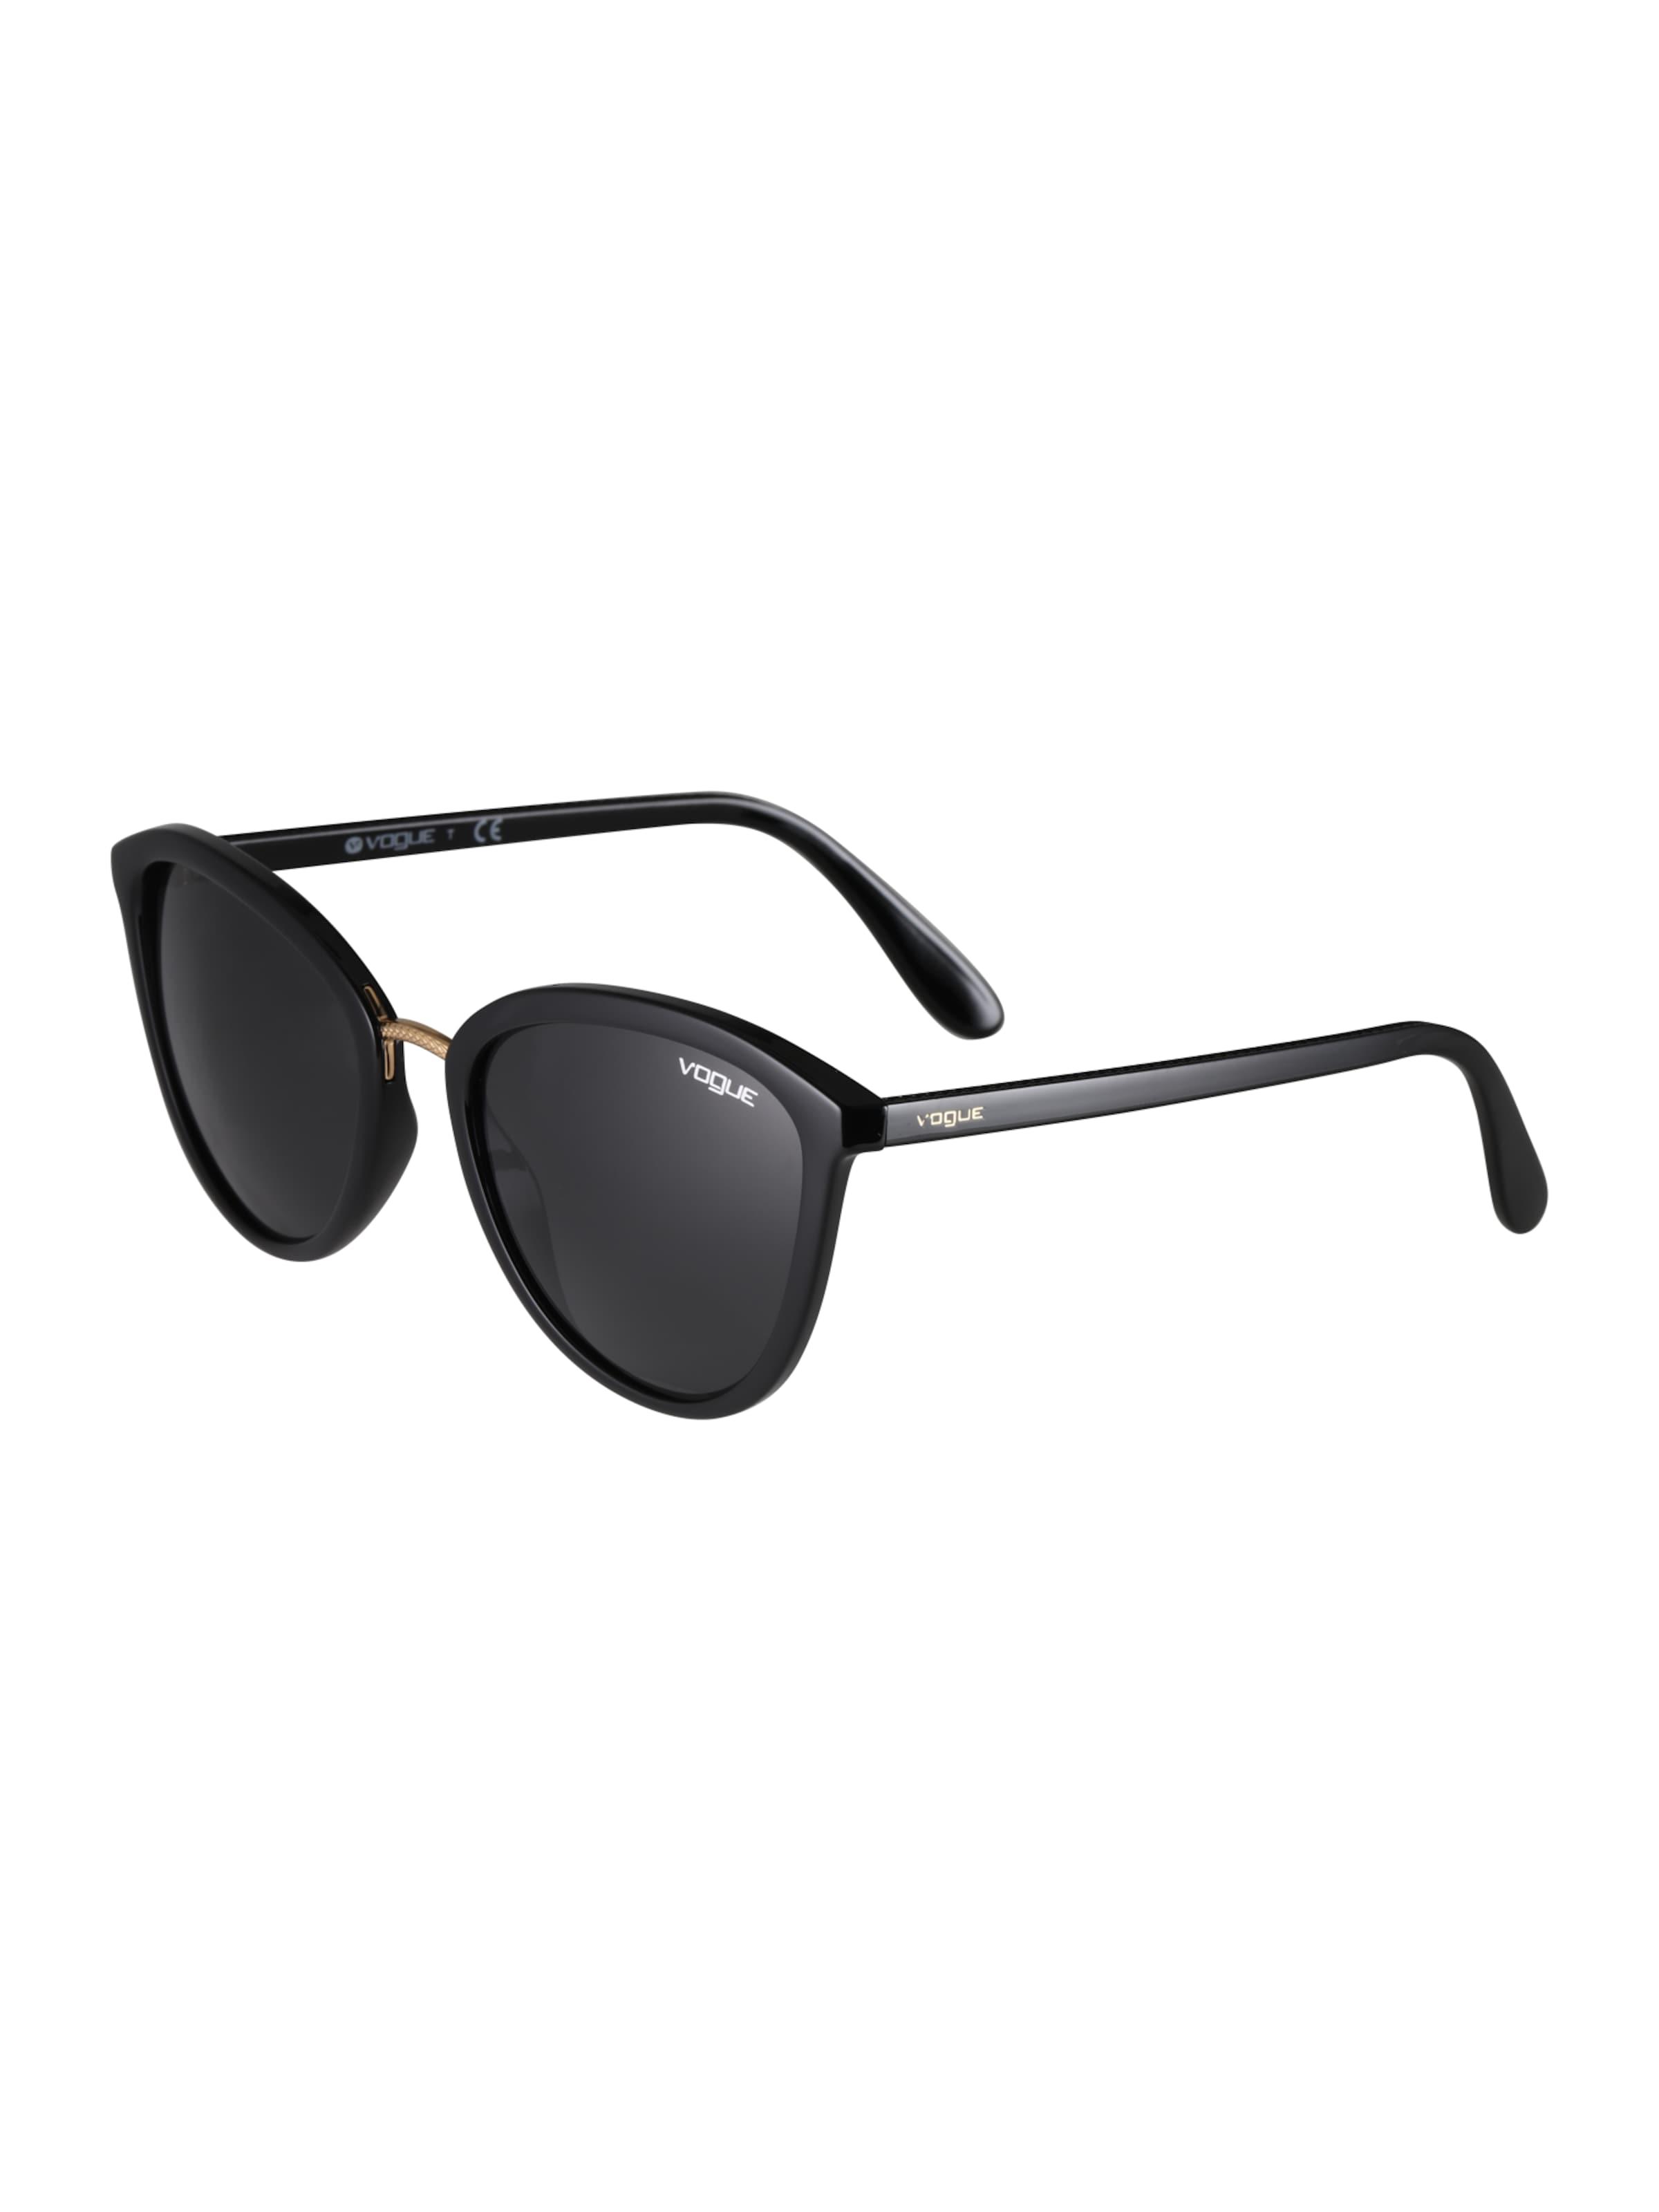 Sonnenbrille Schwarz Vogue Sonnenbrille In Eyewear In Schwarz Eyewear Eyewear Vogue Vogue In Sonnenbrille MzVLqGSUp